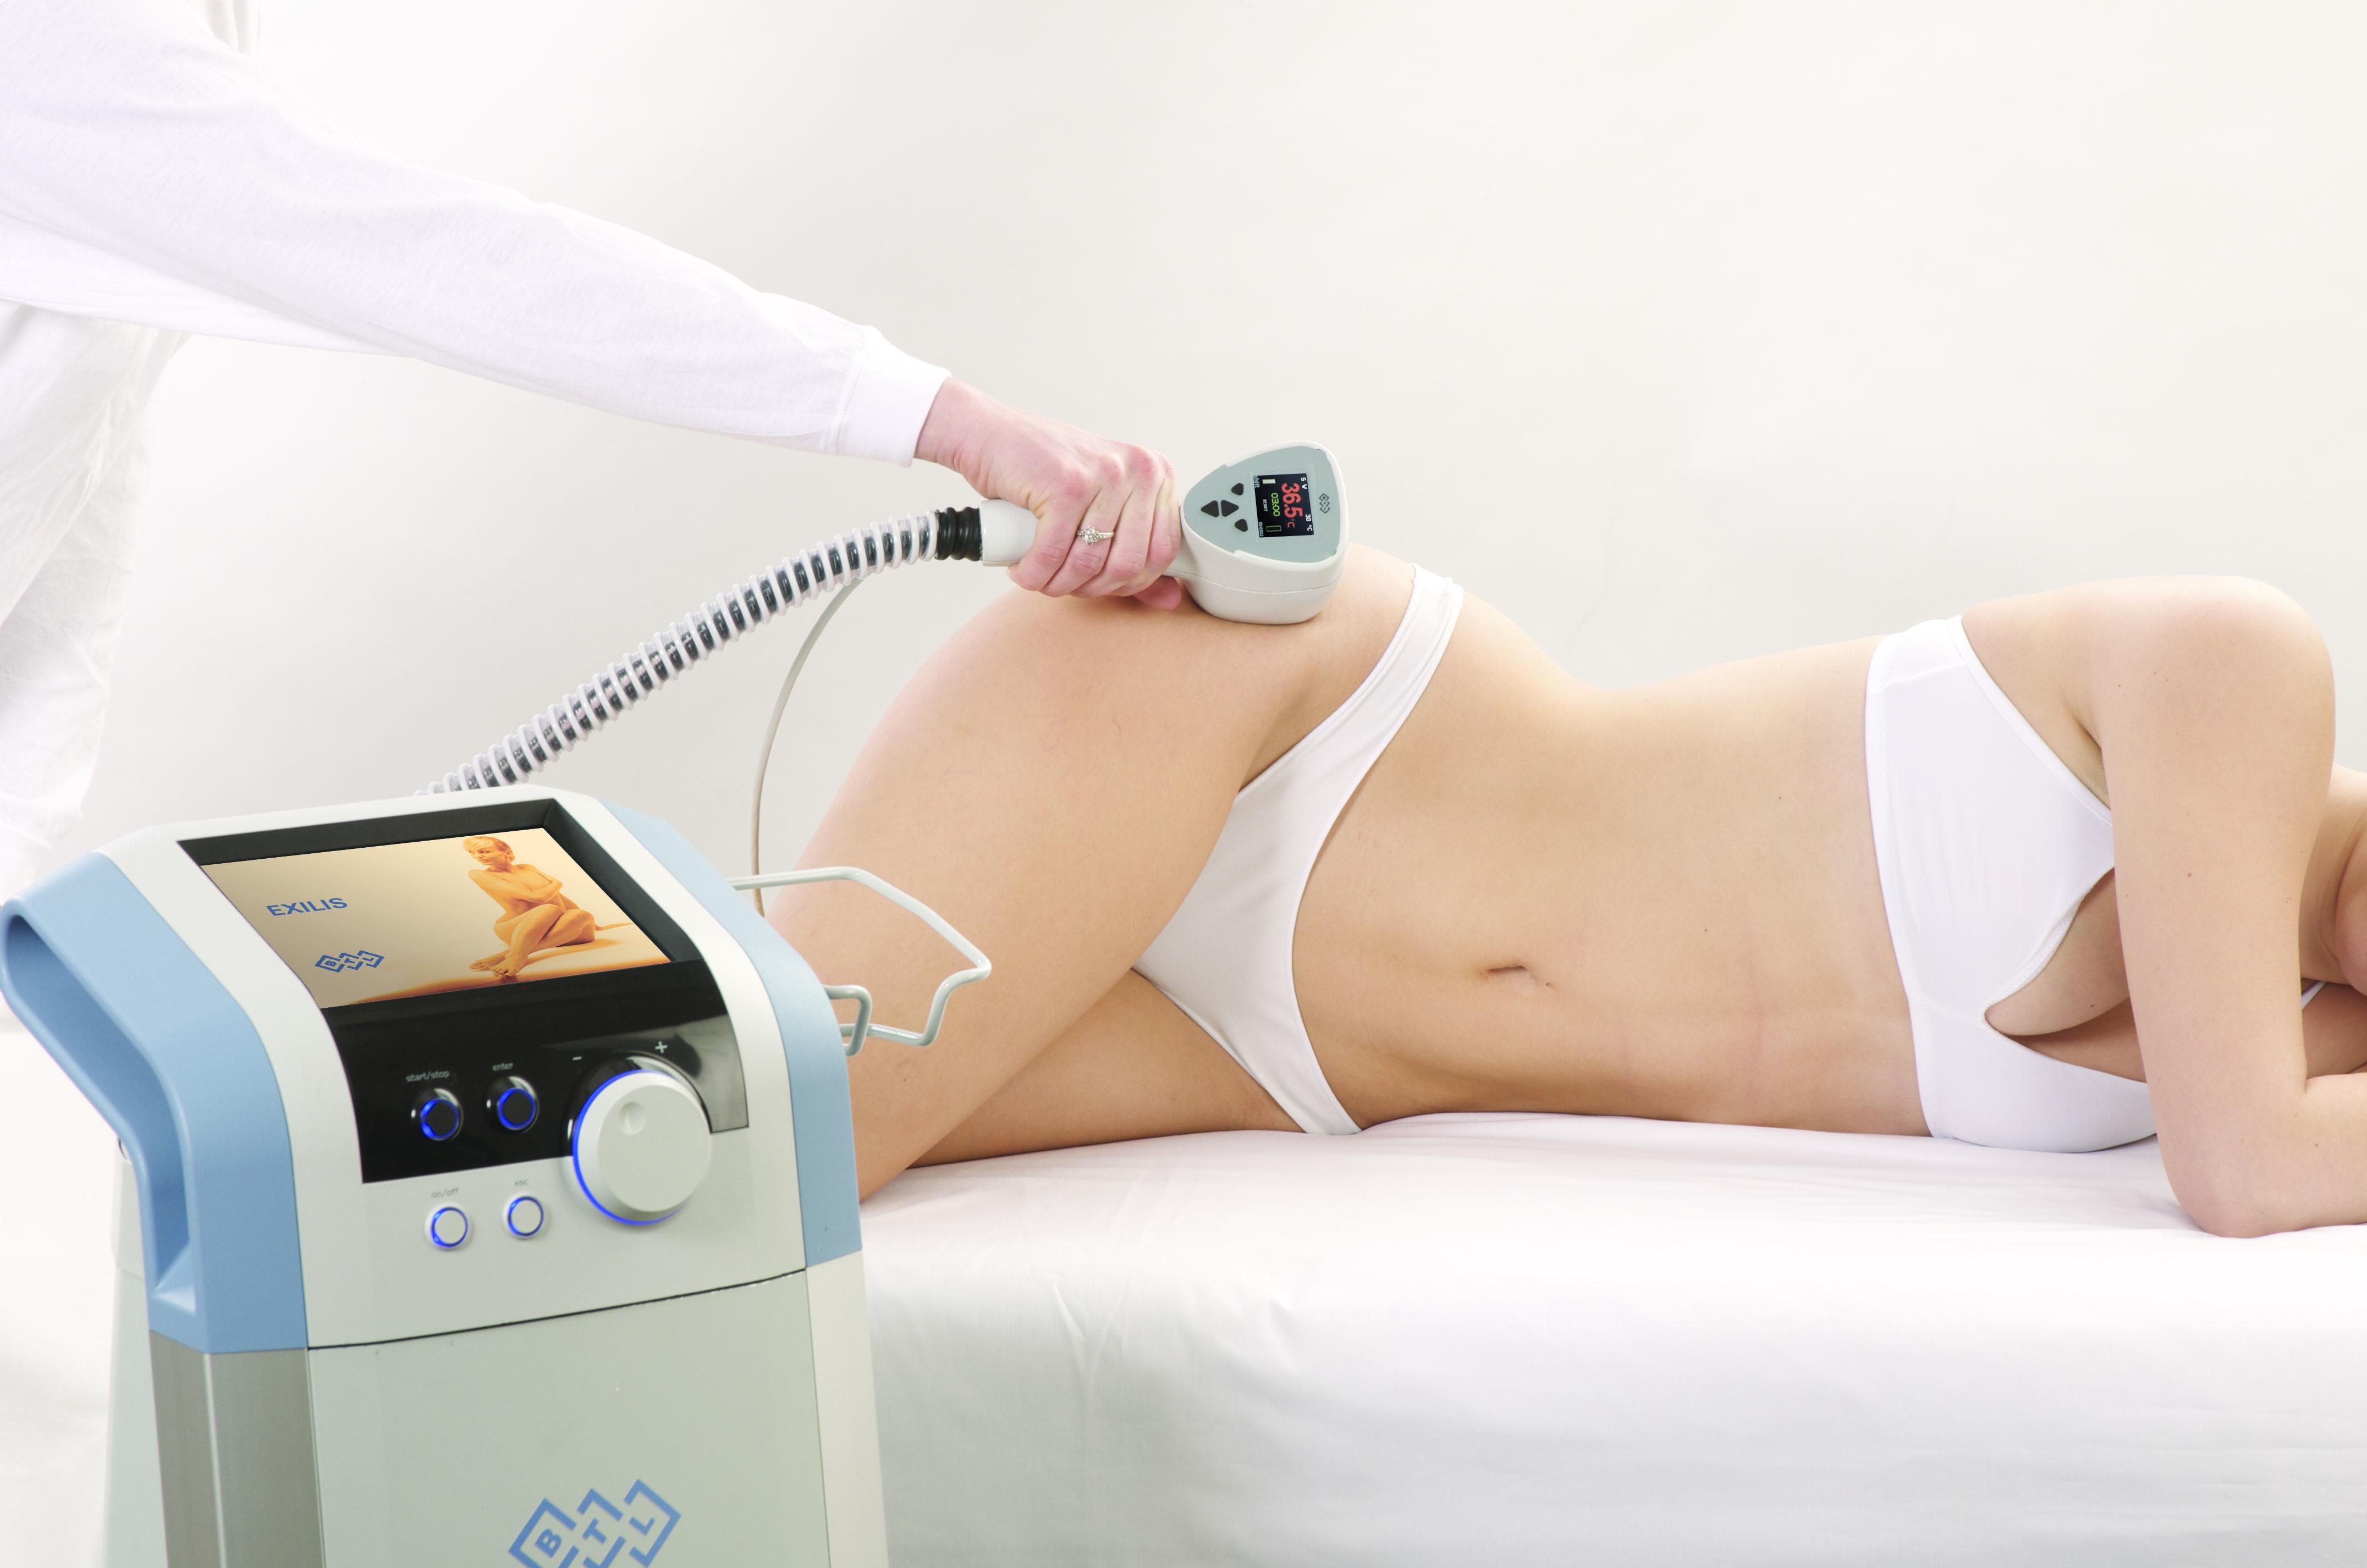 Уплотнение в мягких тканях внутренней стороны бедра. шишки под кожей. увеличение и воспаление лимфоузлов